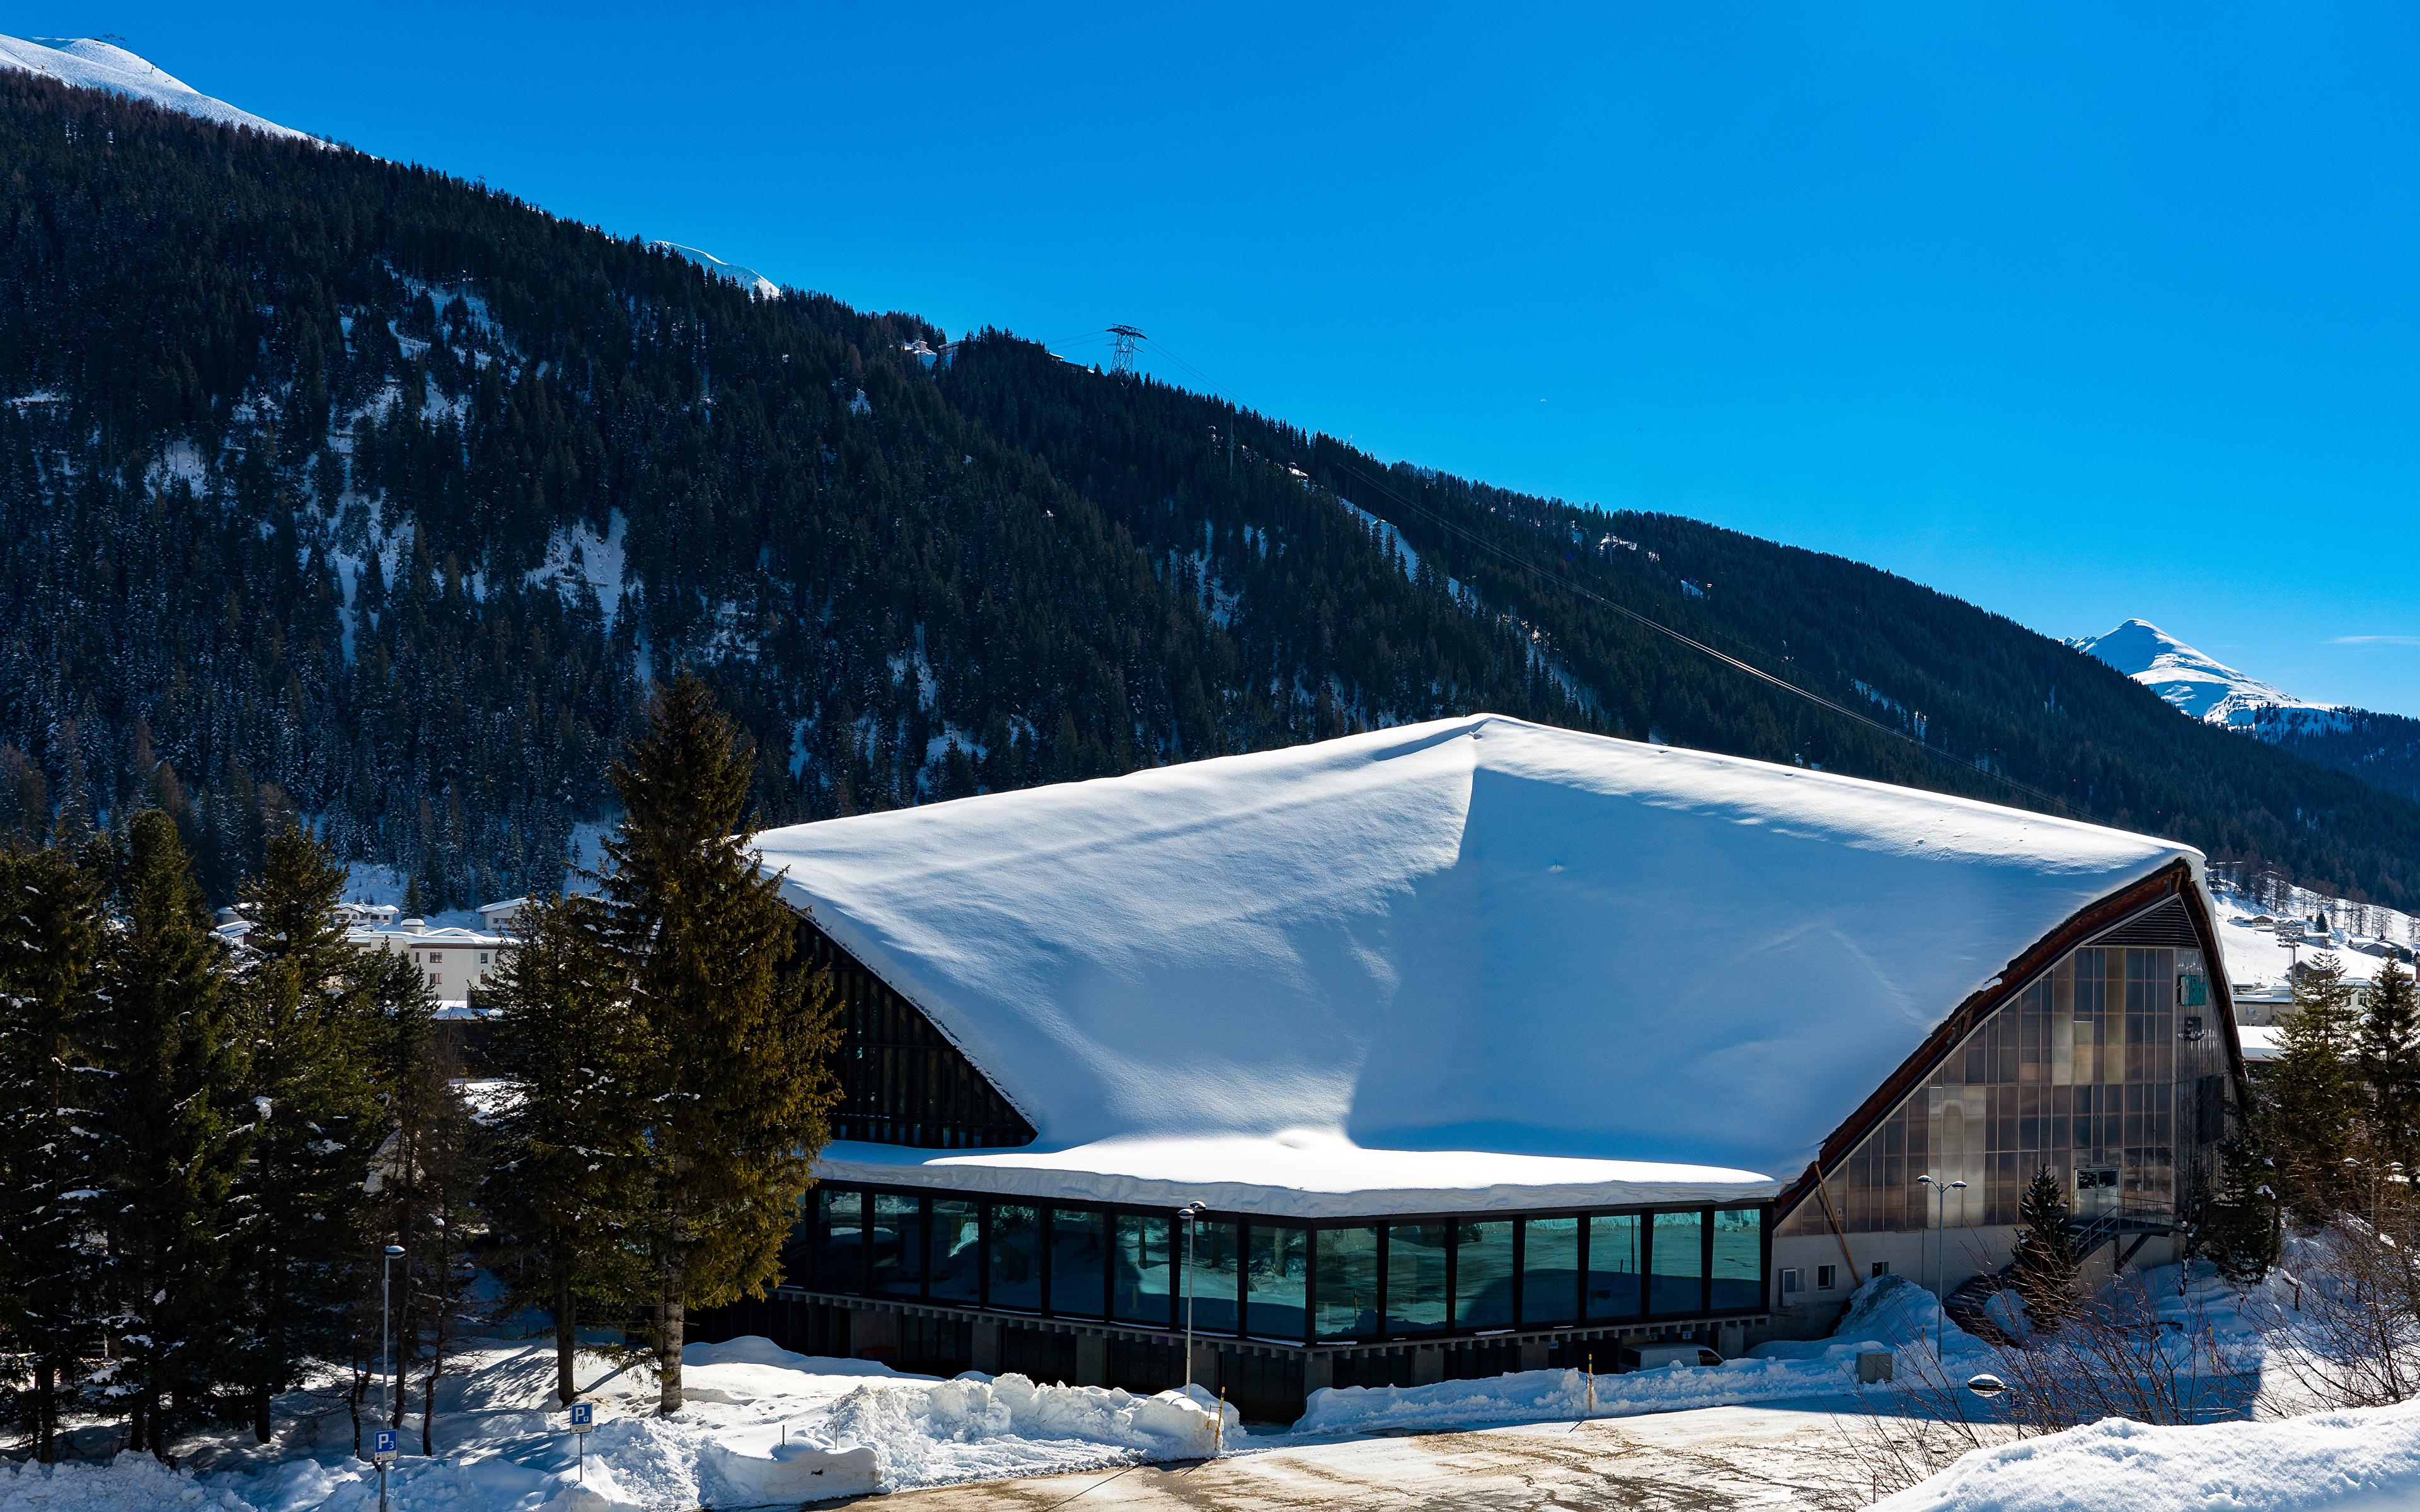 Картинка Швейцария Davos гора зимние снегу город Здания 3840x2400 Горы Зима Снег снеге снега Дома Города